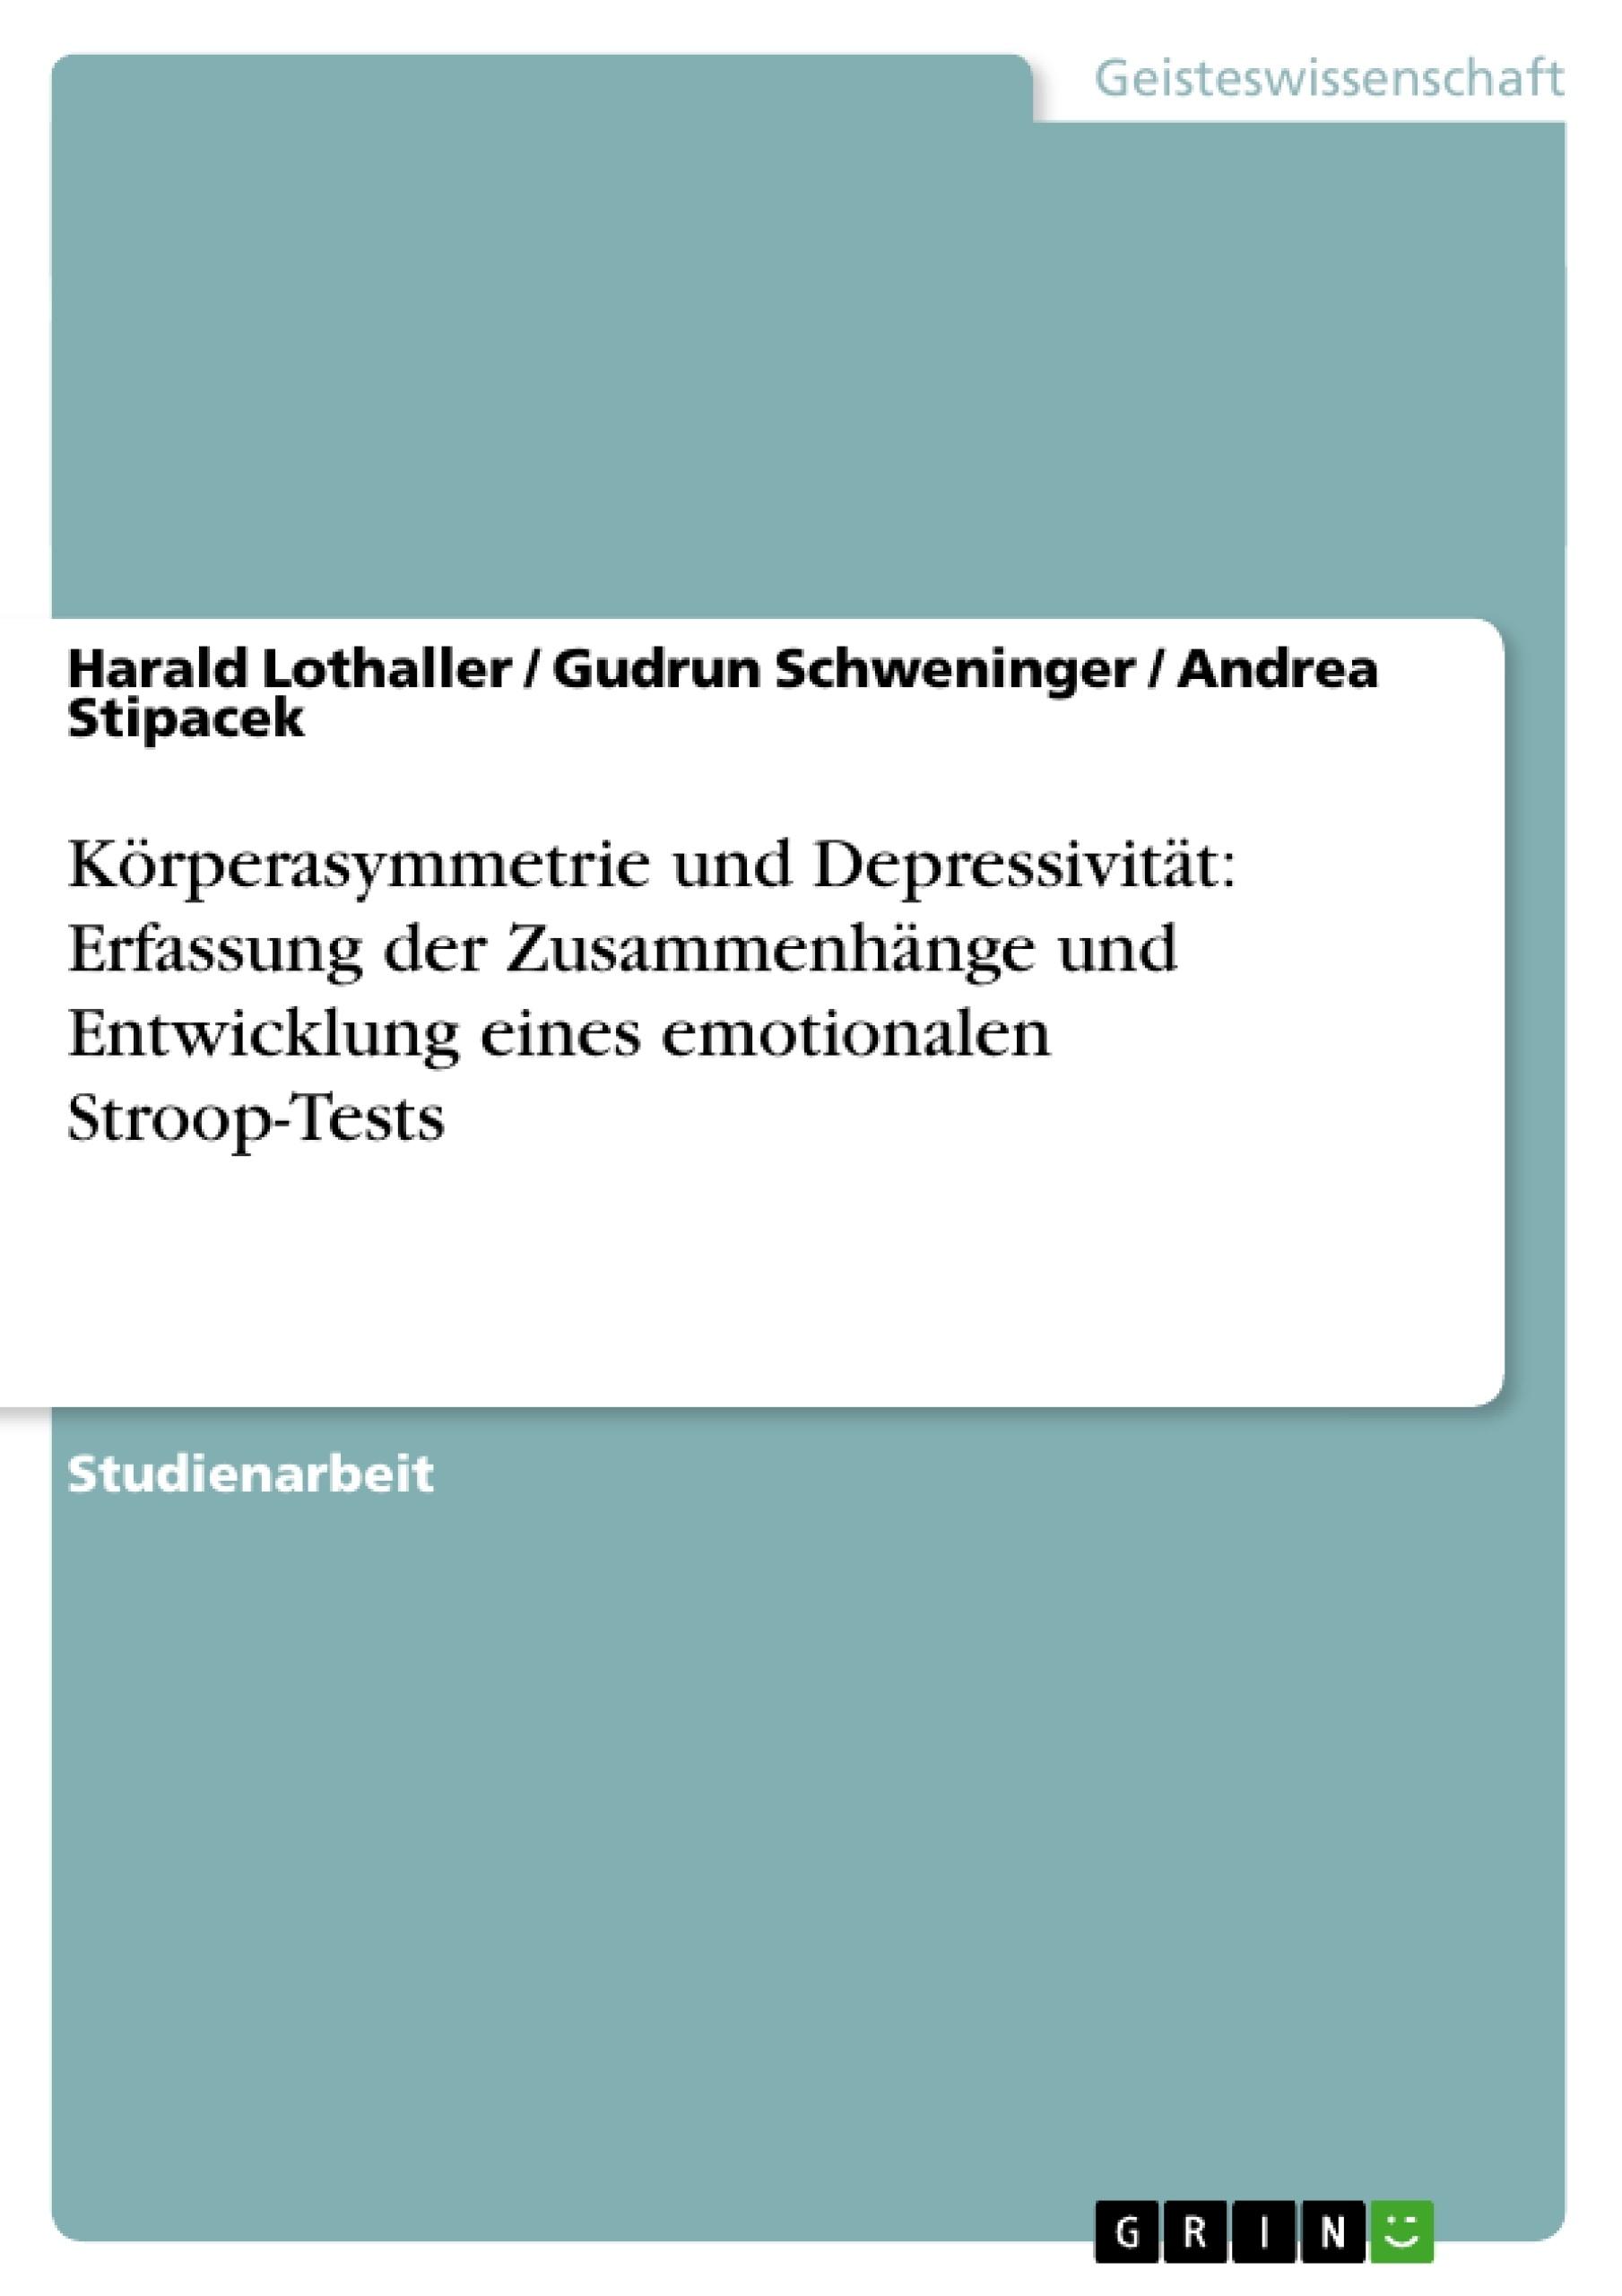 Titel: Körperasymmetrie und Depressivität: Erfassung der Zusammenhänge und Entwicklung eines emotionalen Stroop-Tests